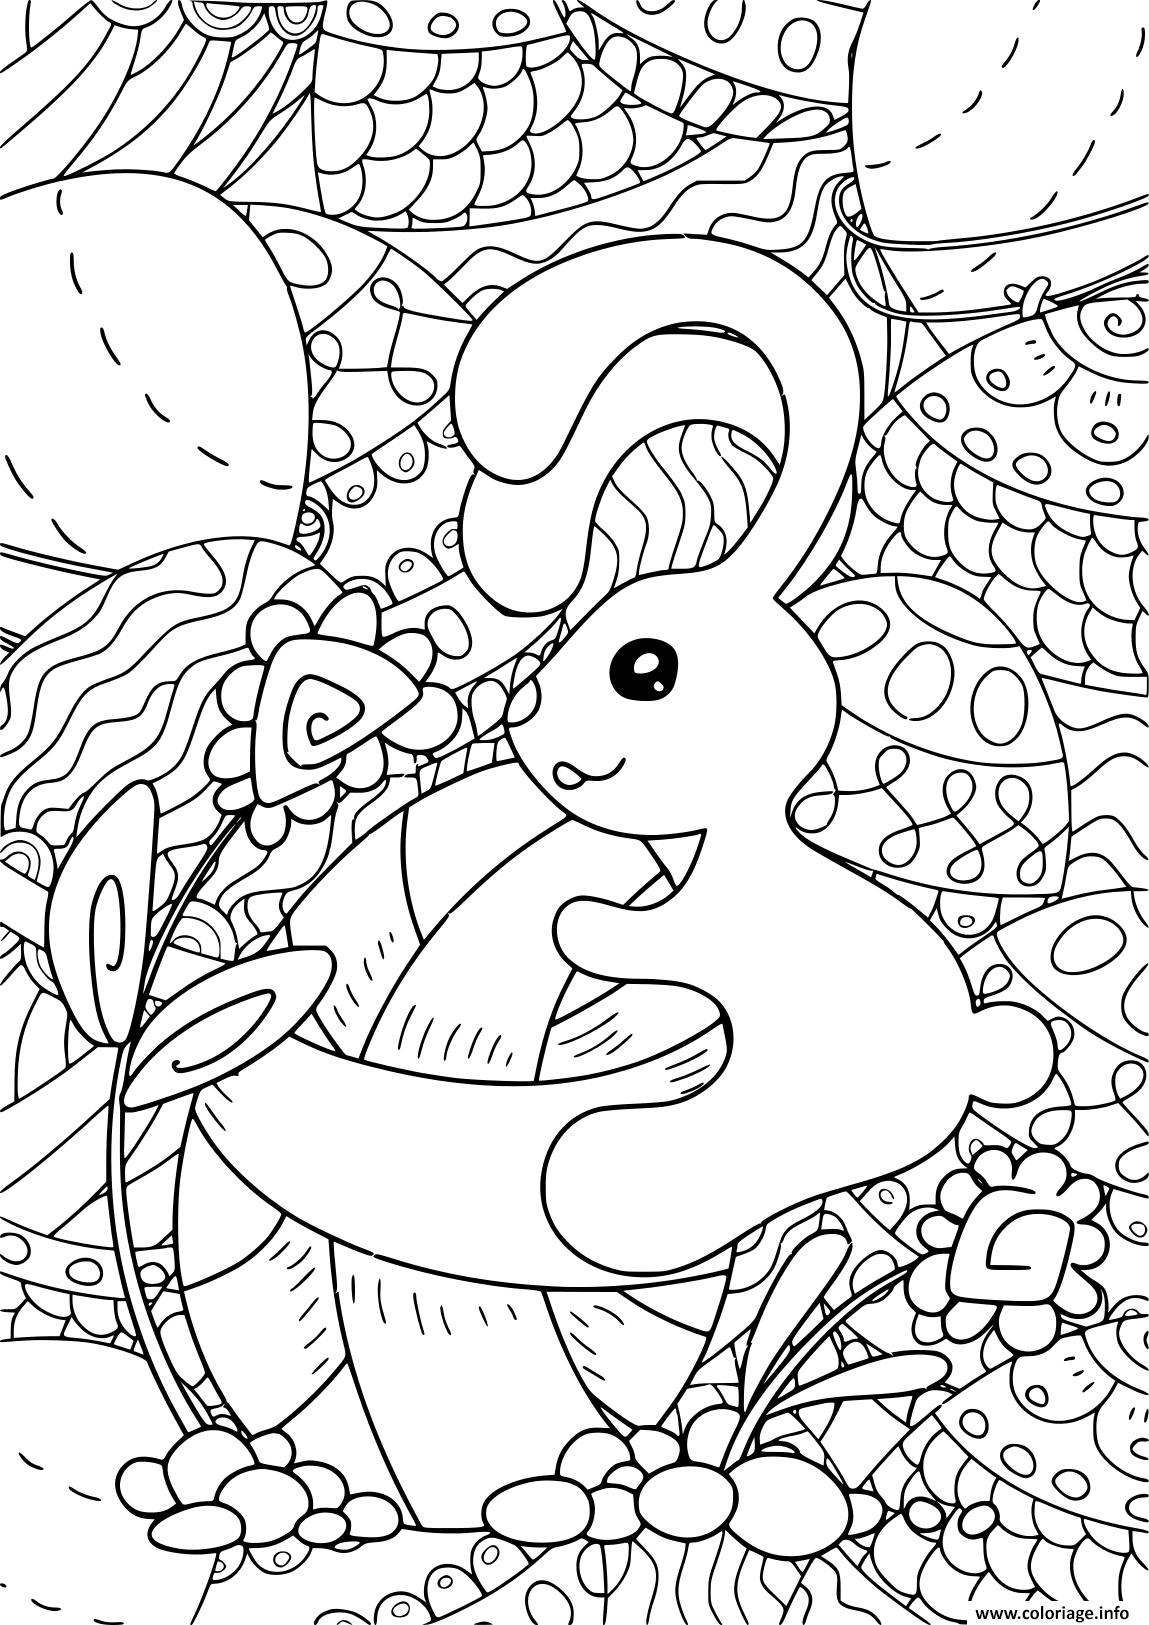 Coloriage Lapin Paques Pour Adulte Et Enfants Antistress Dessin tout Dessin Pour Paques